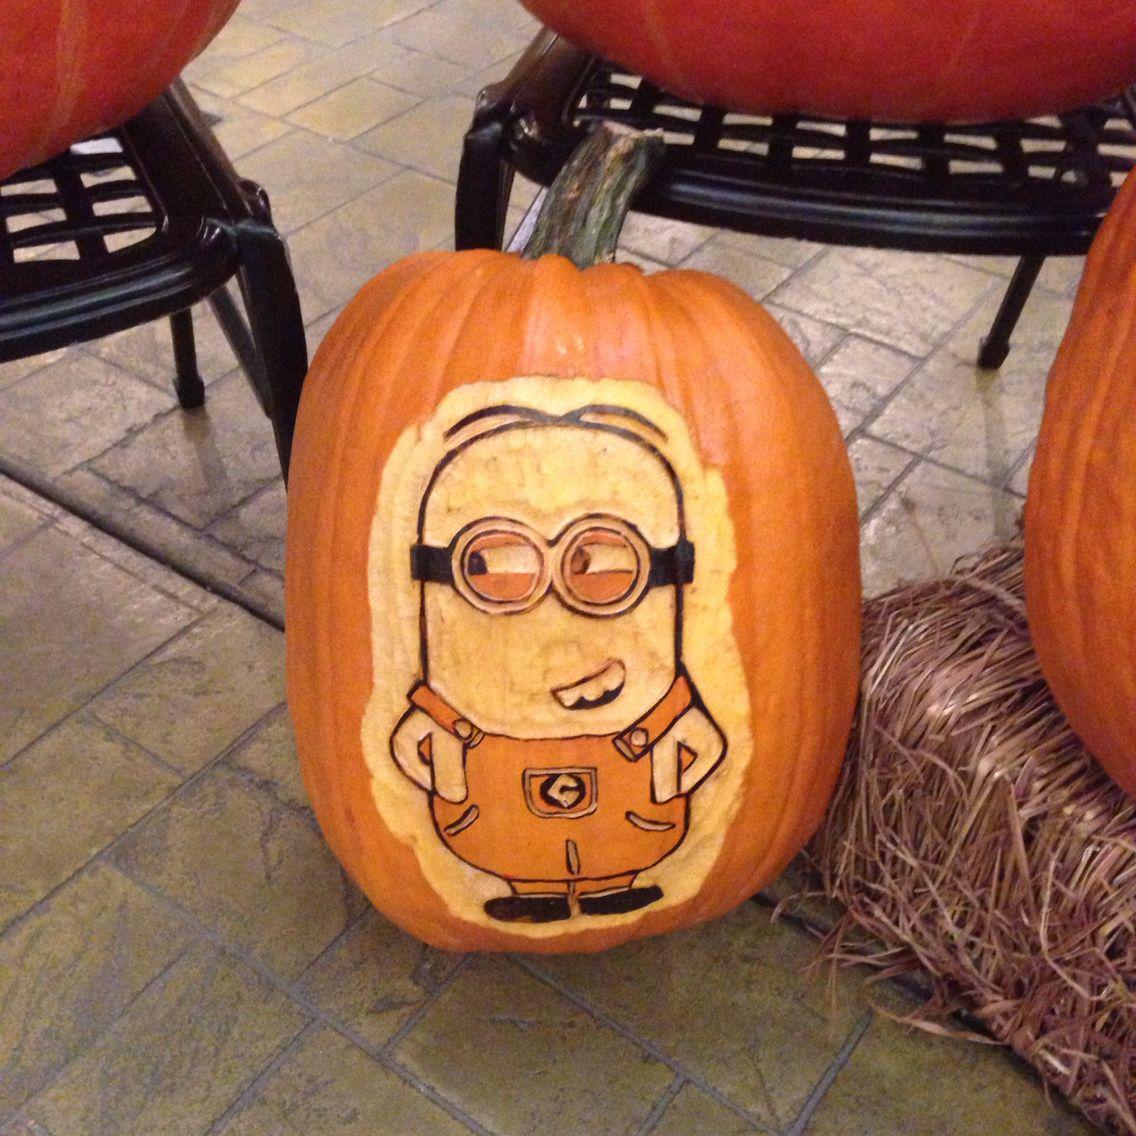 My kinda pumpkin!